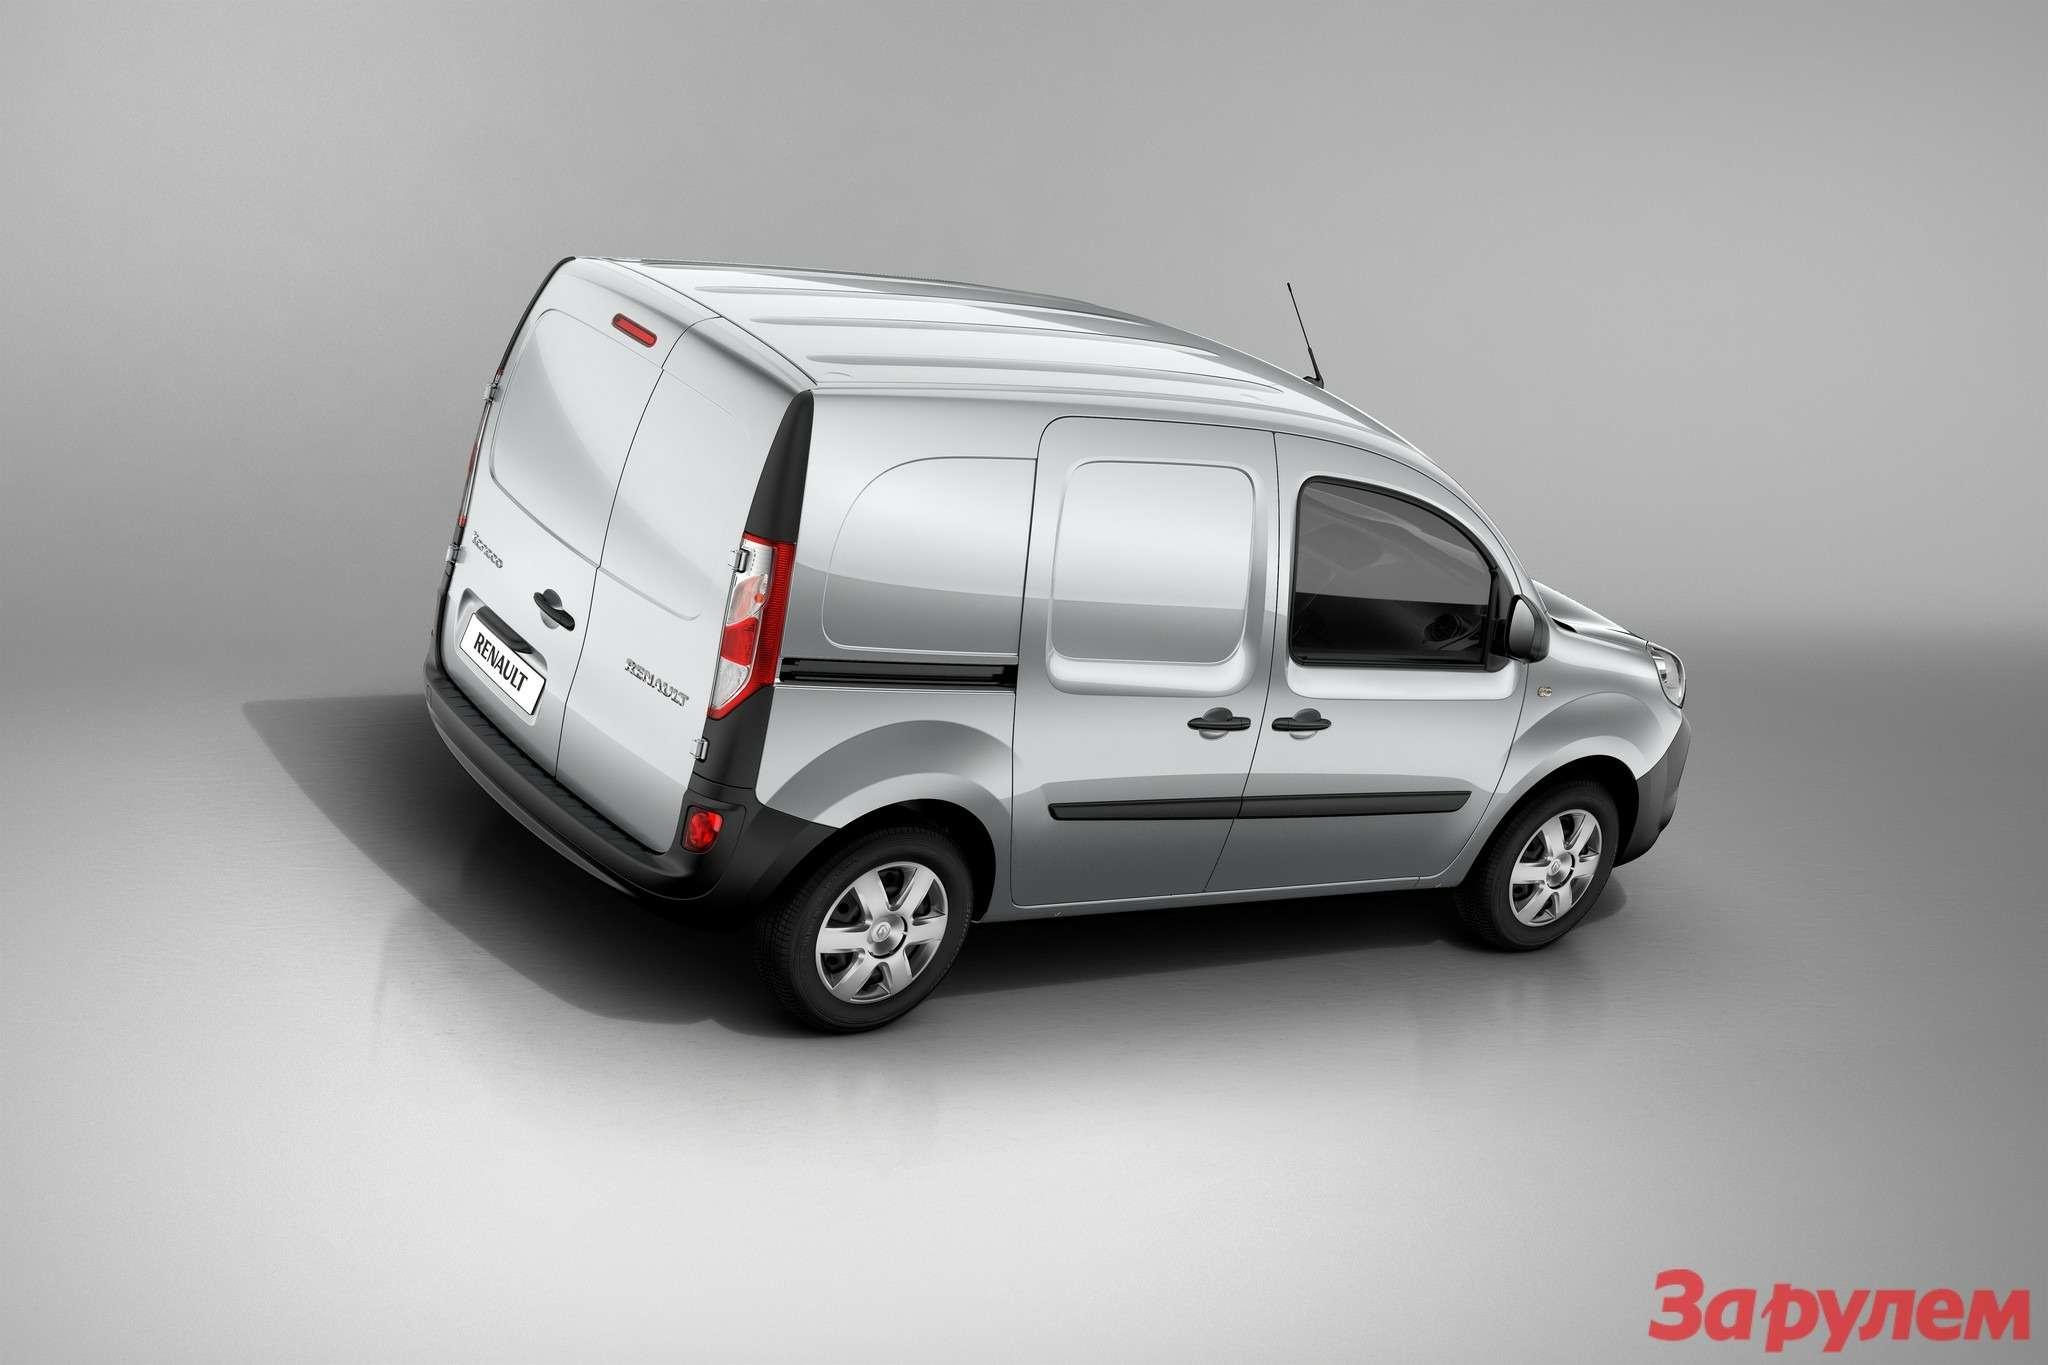 Renault_43465_global_en